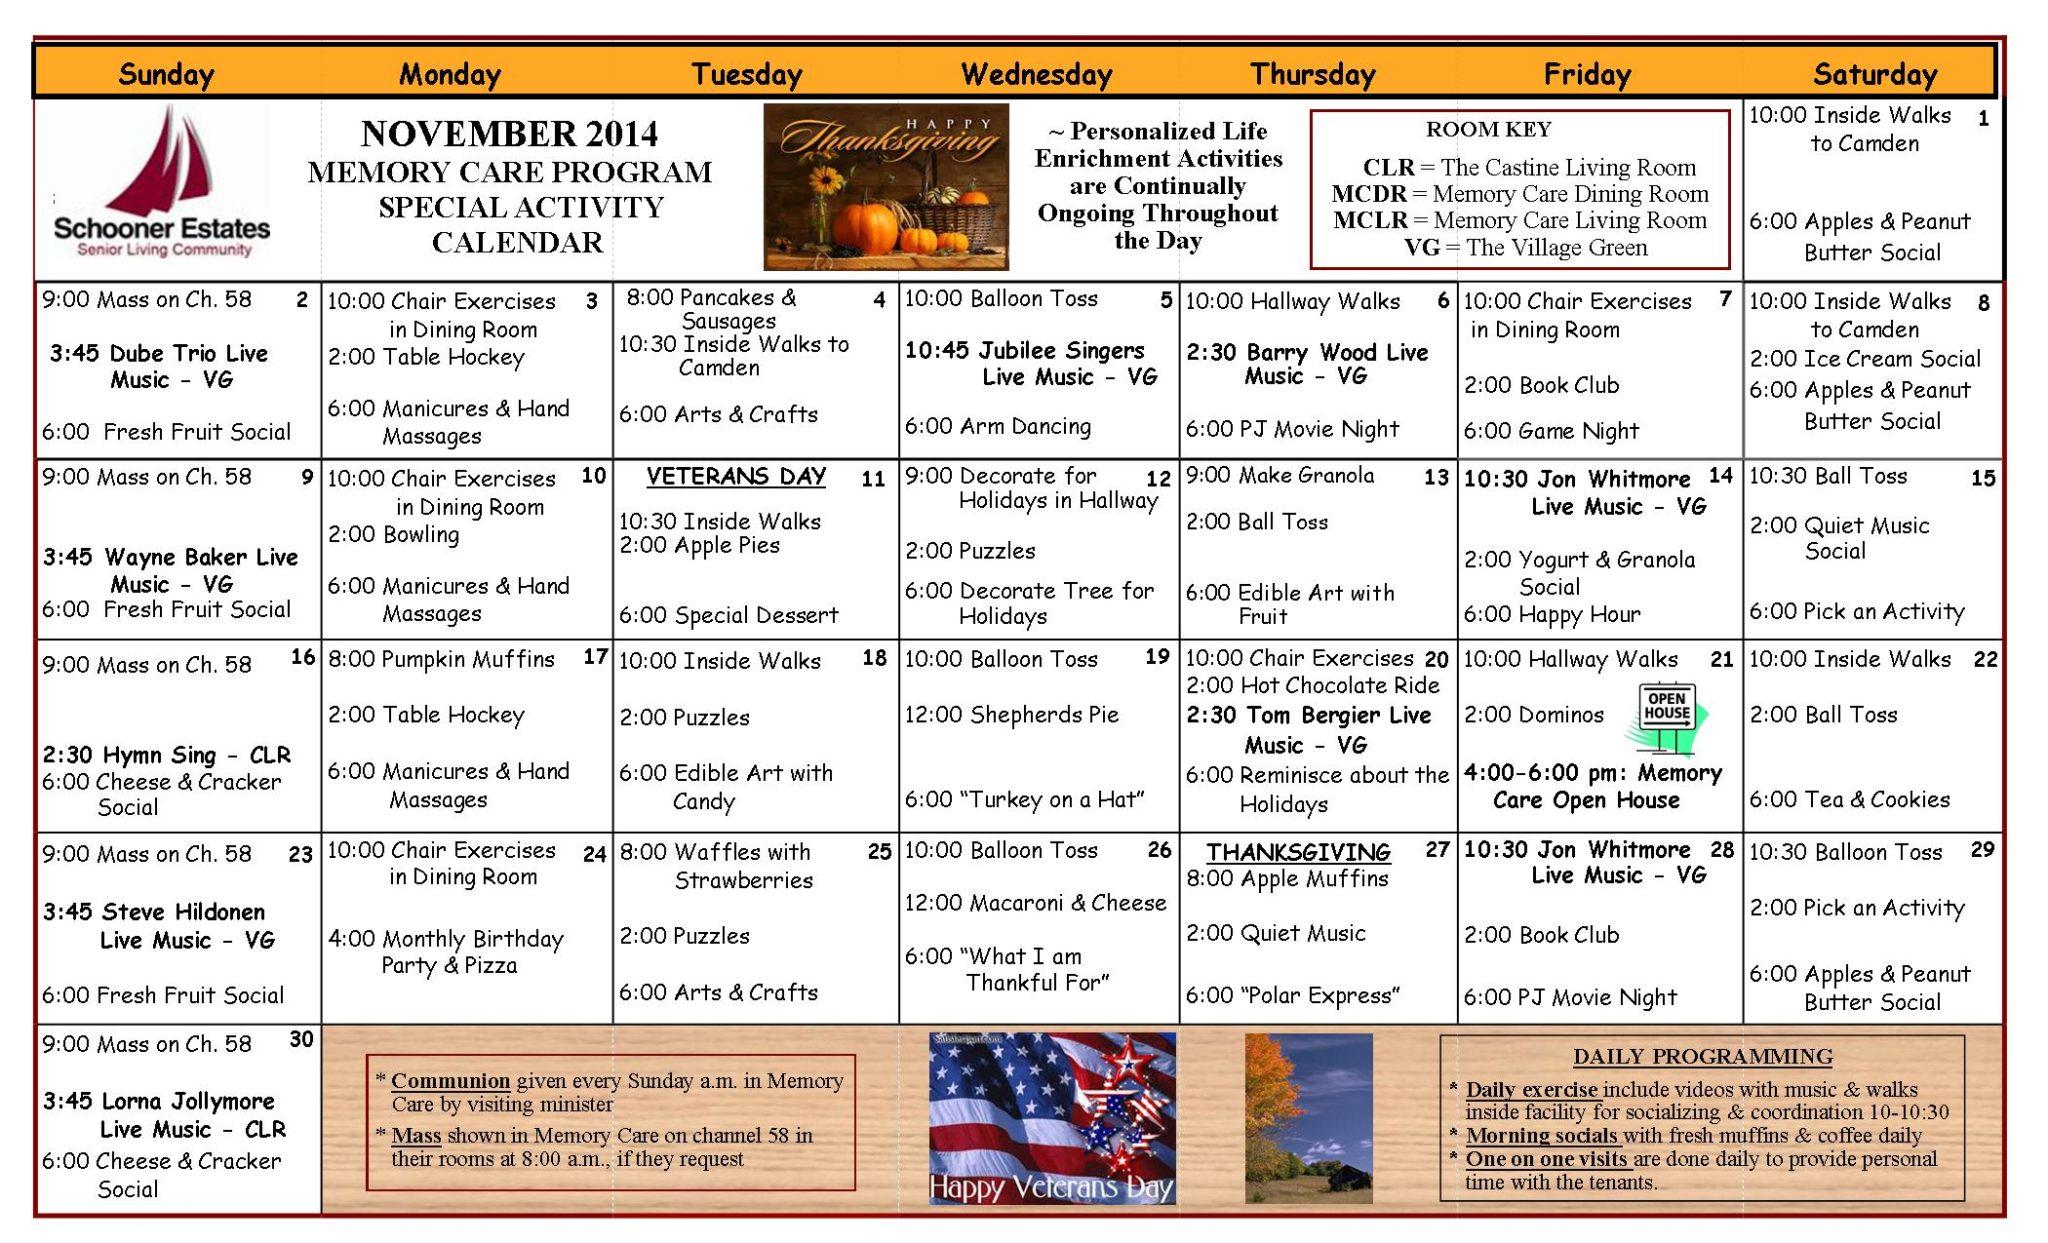 Memory Care Calendar November 2014